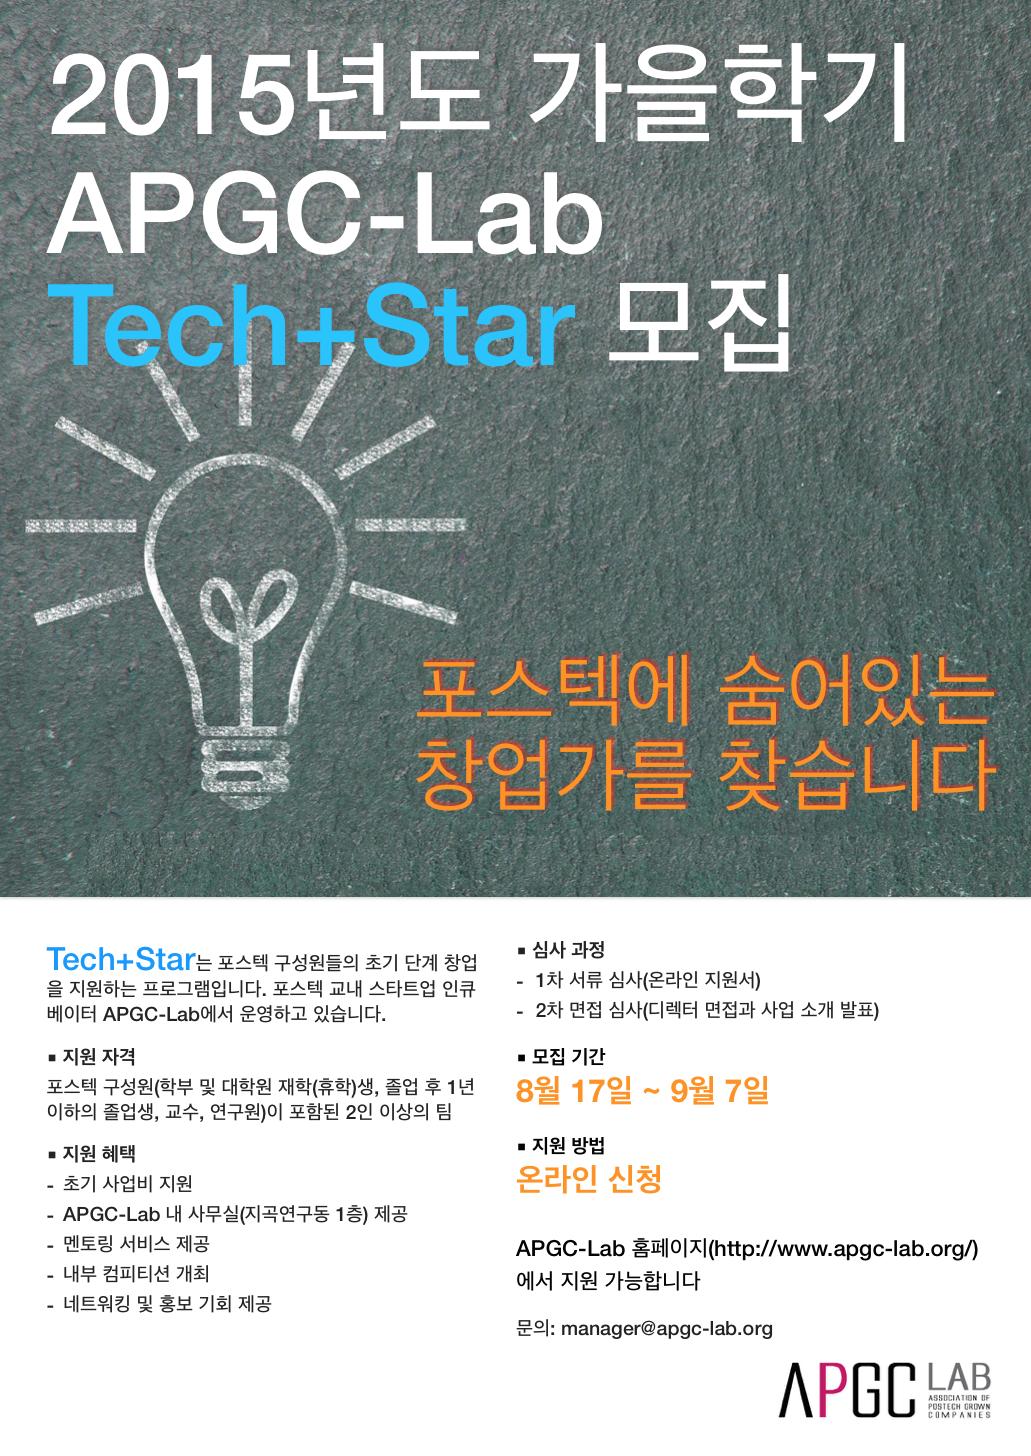 APGC-Lab 2015년도 가을학기 Tech+Star 모집 안내